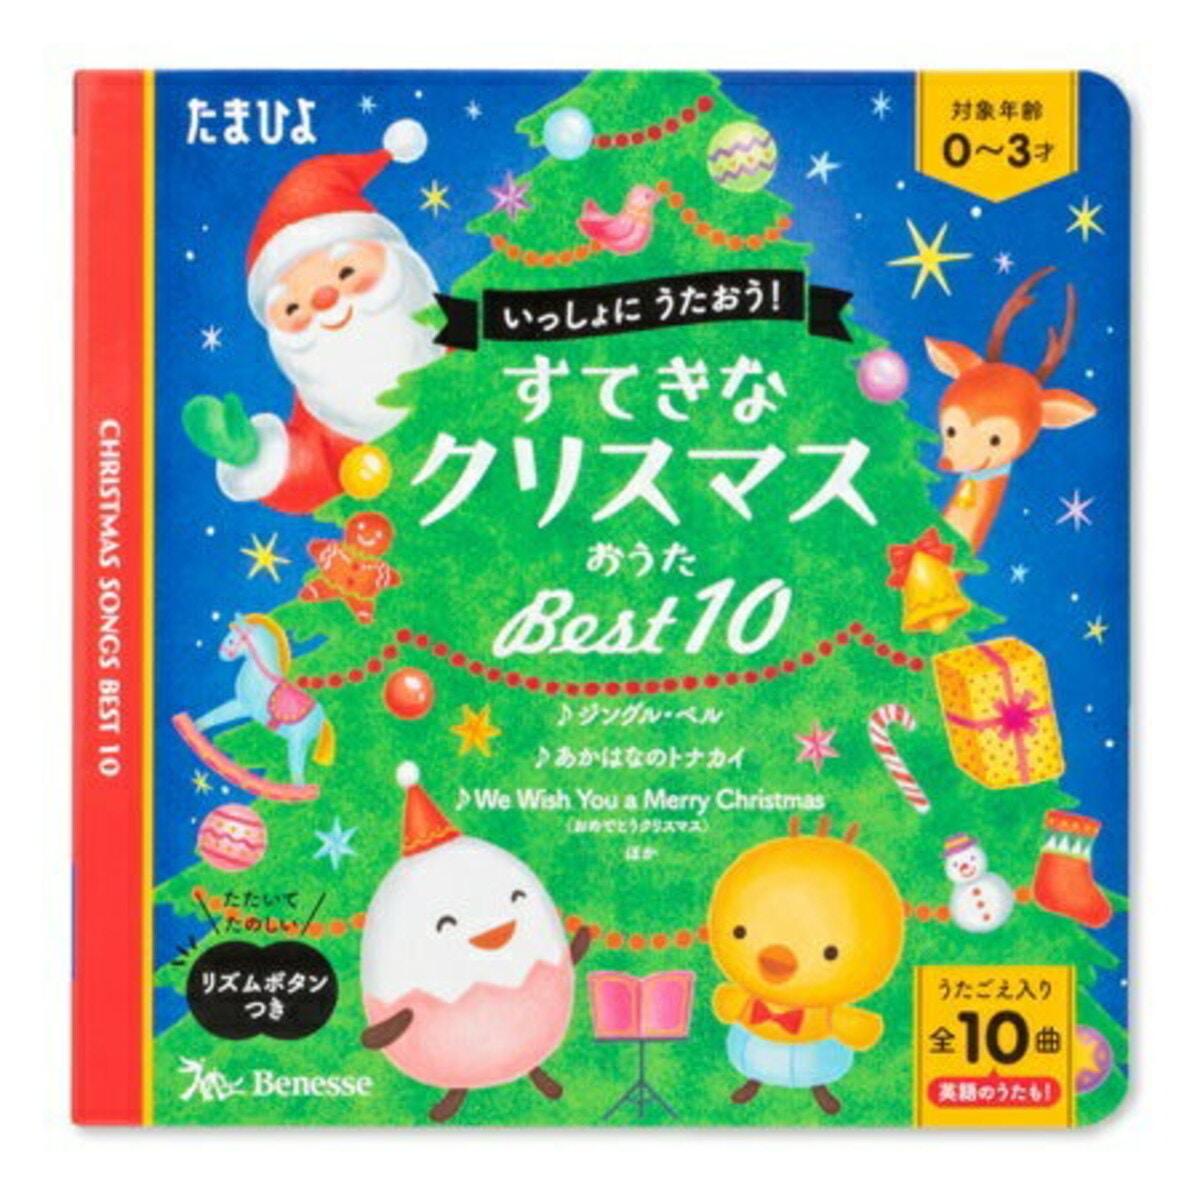 すてきなクリスマスおうたベスト10 いっしょにうたおう!